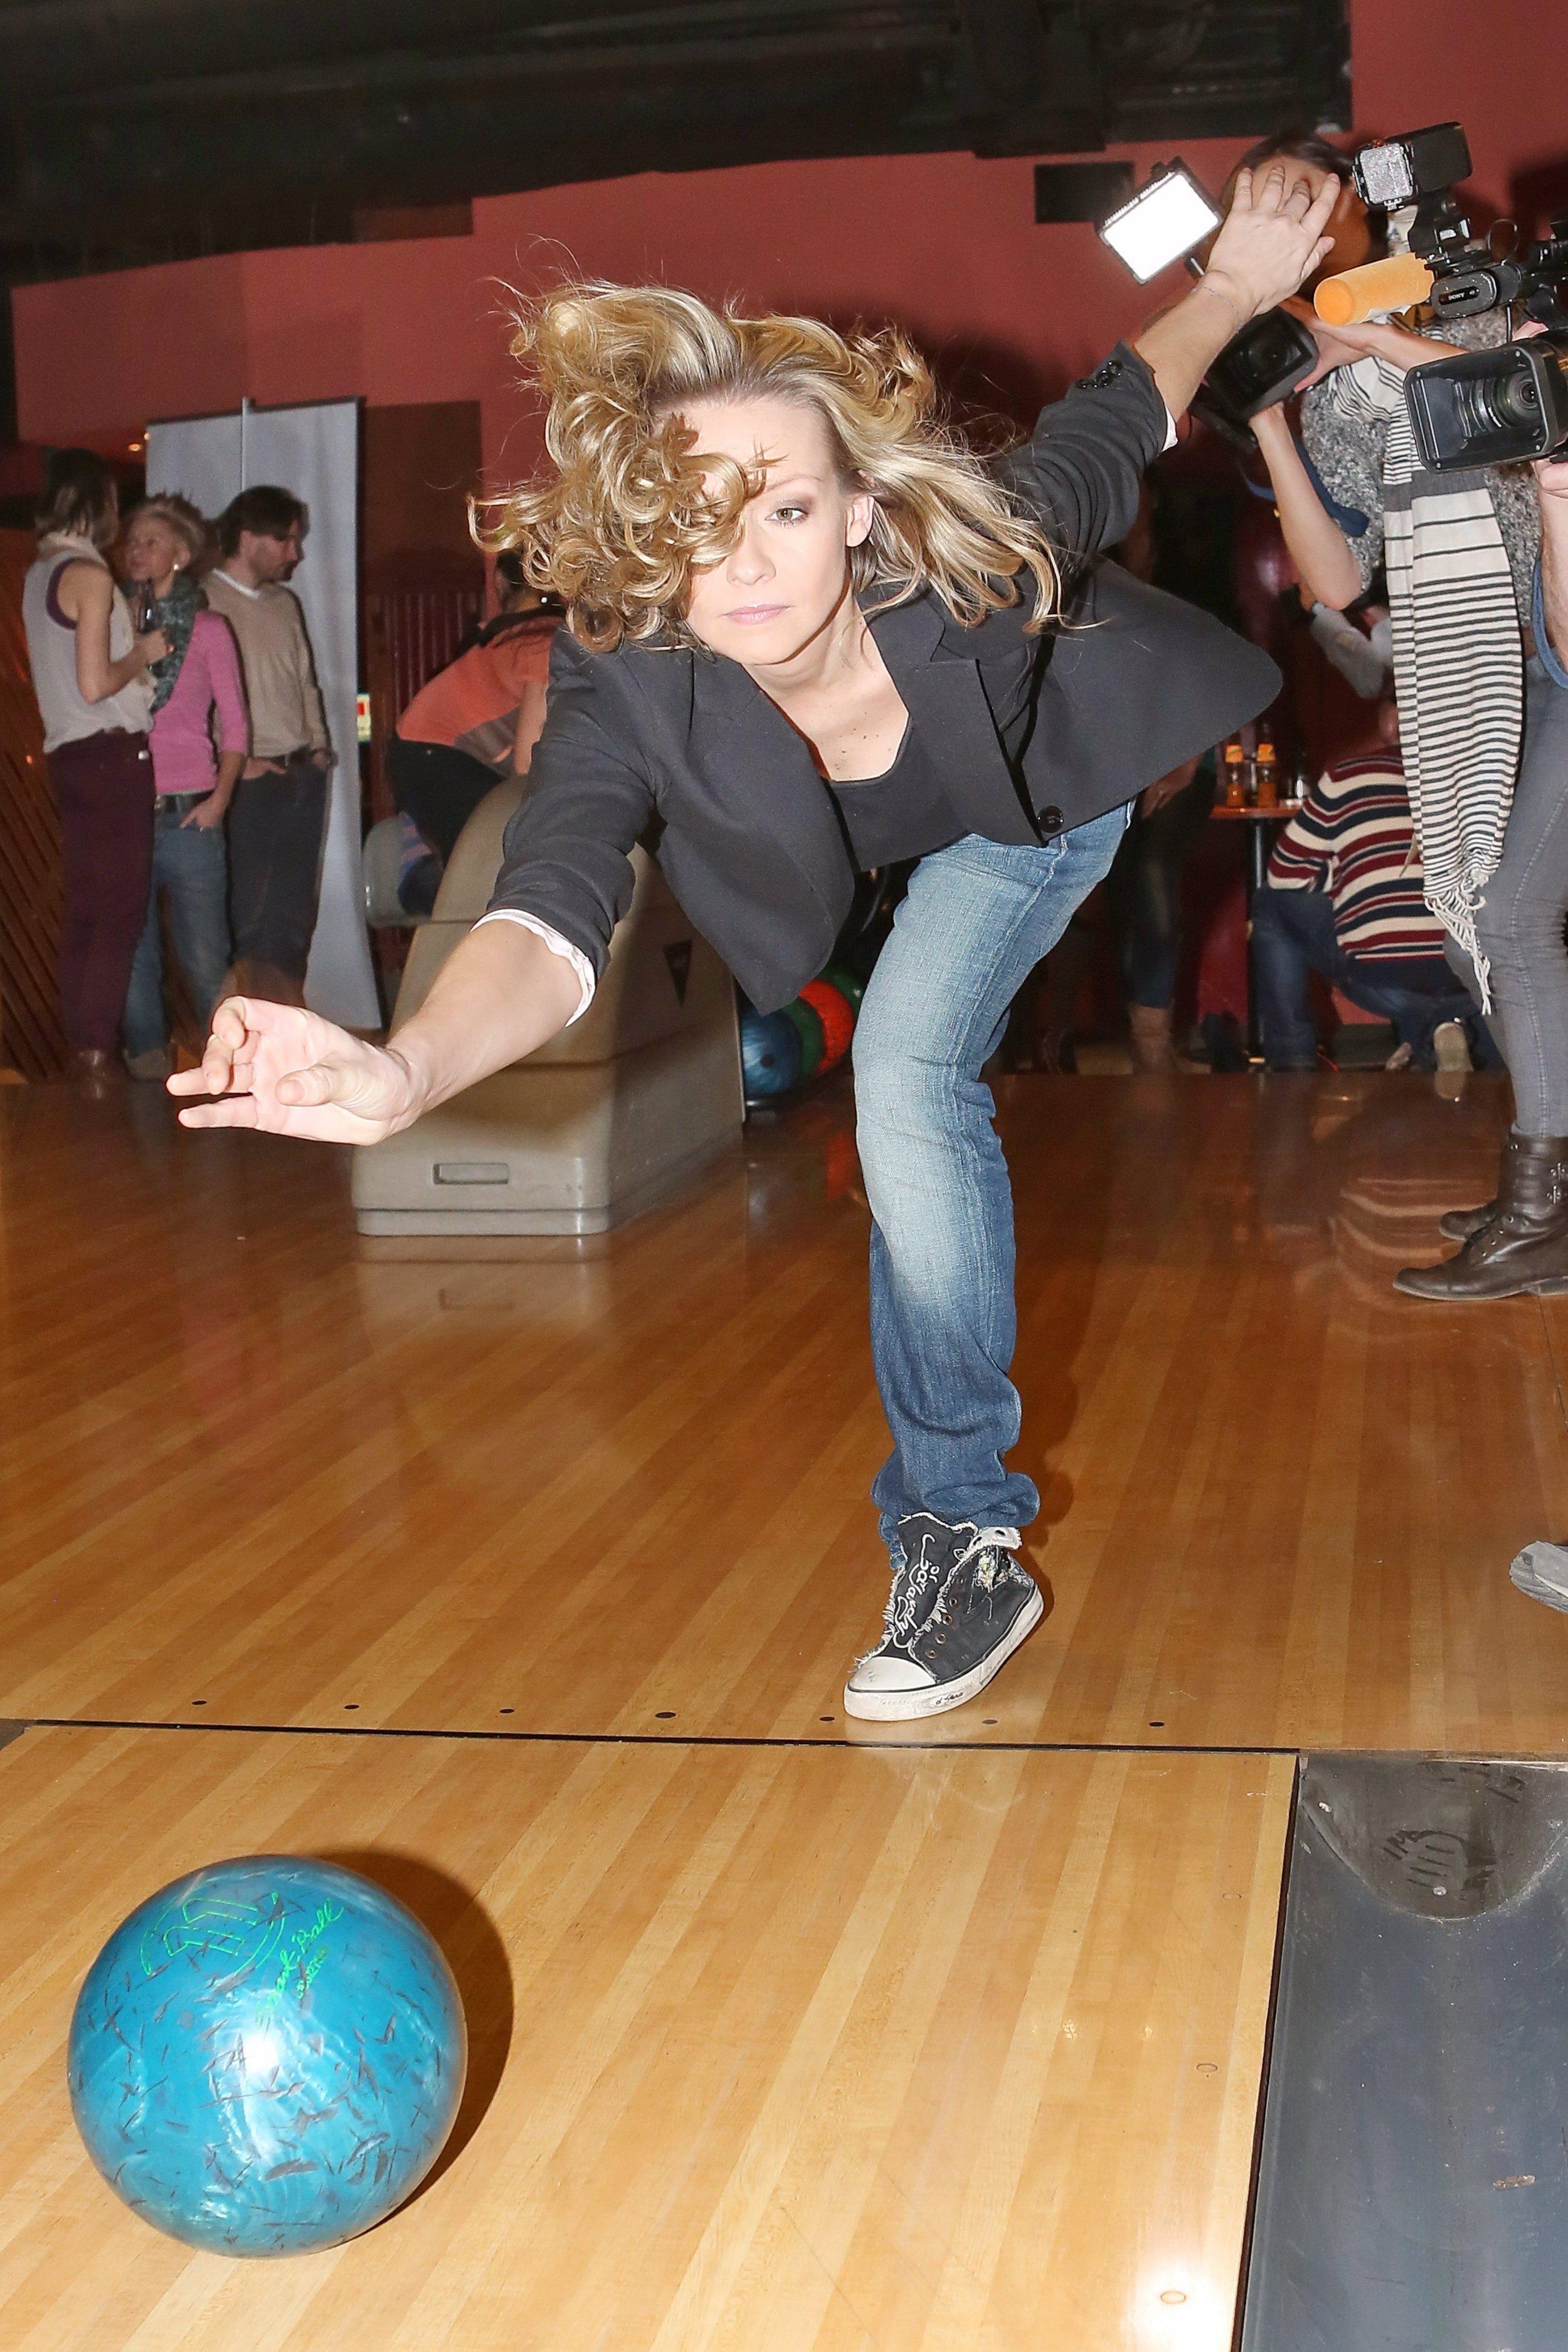 Odhalená prsa – problém bowlingu: Už to ví i Hanychová, Slováková a Něrgešová!